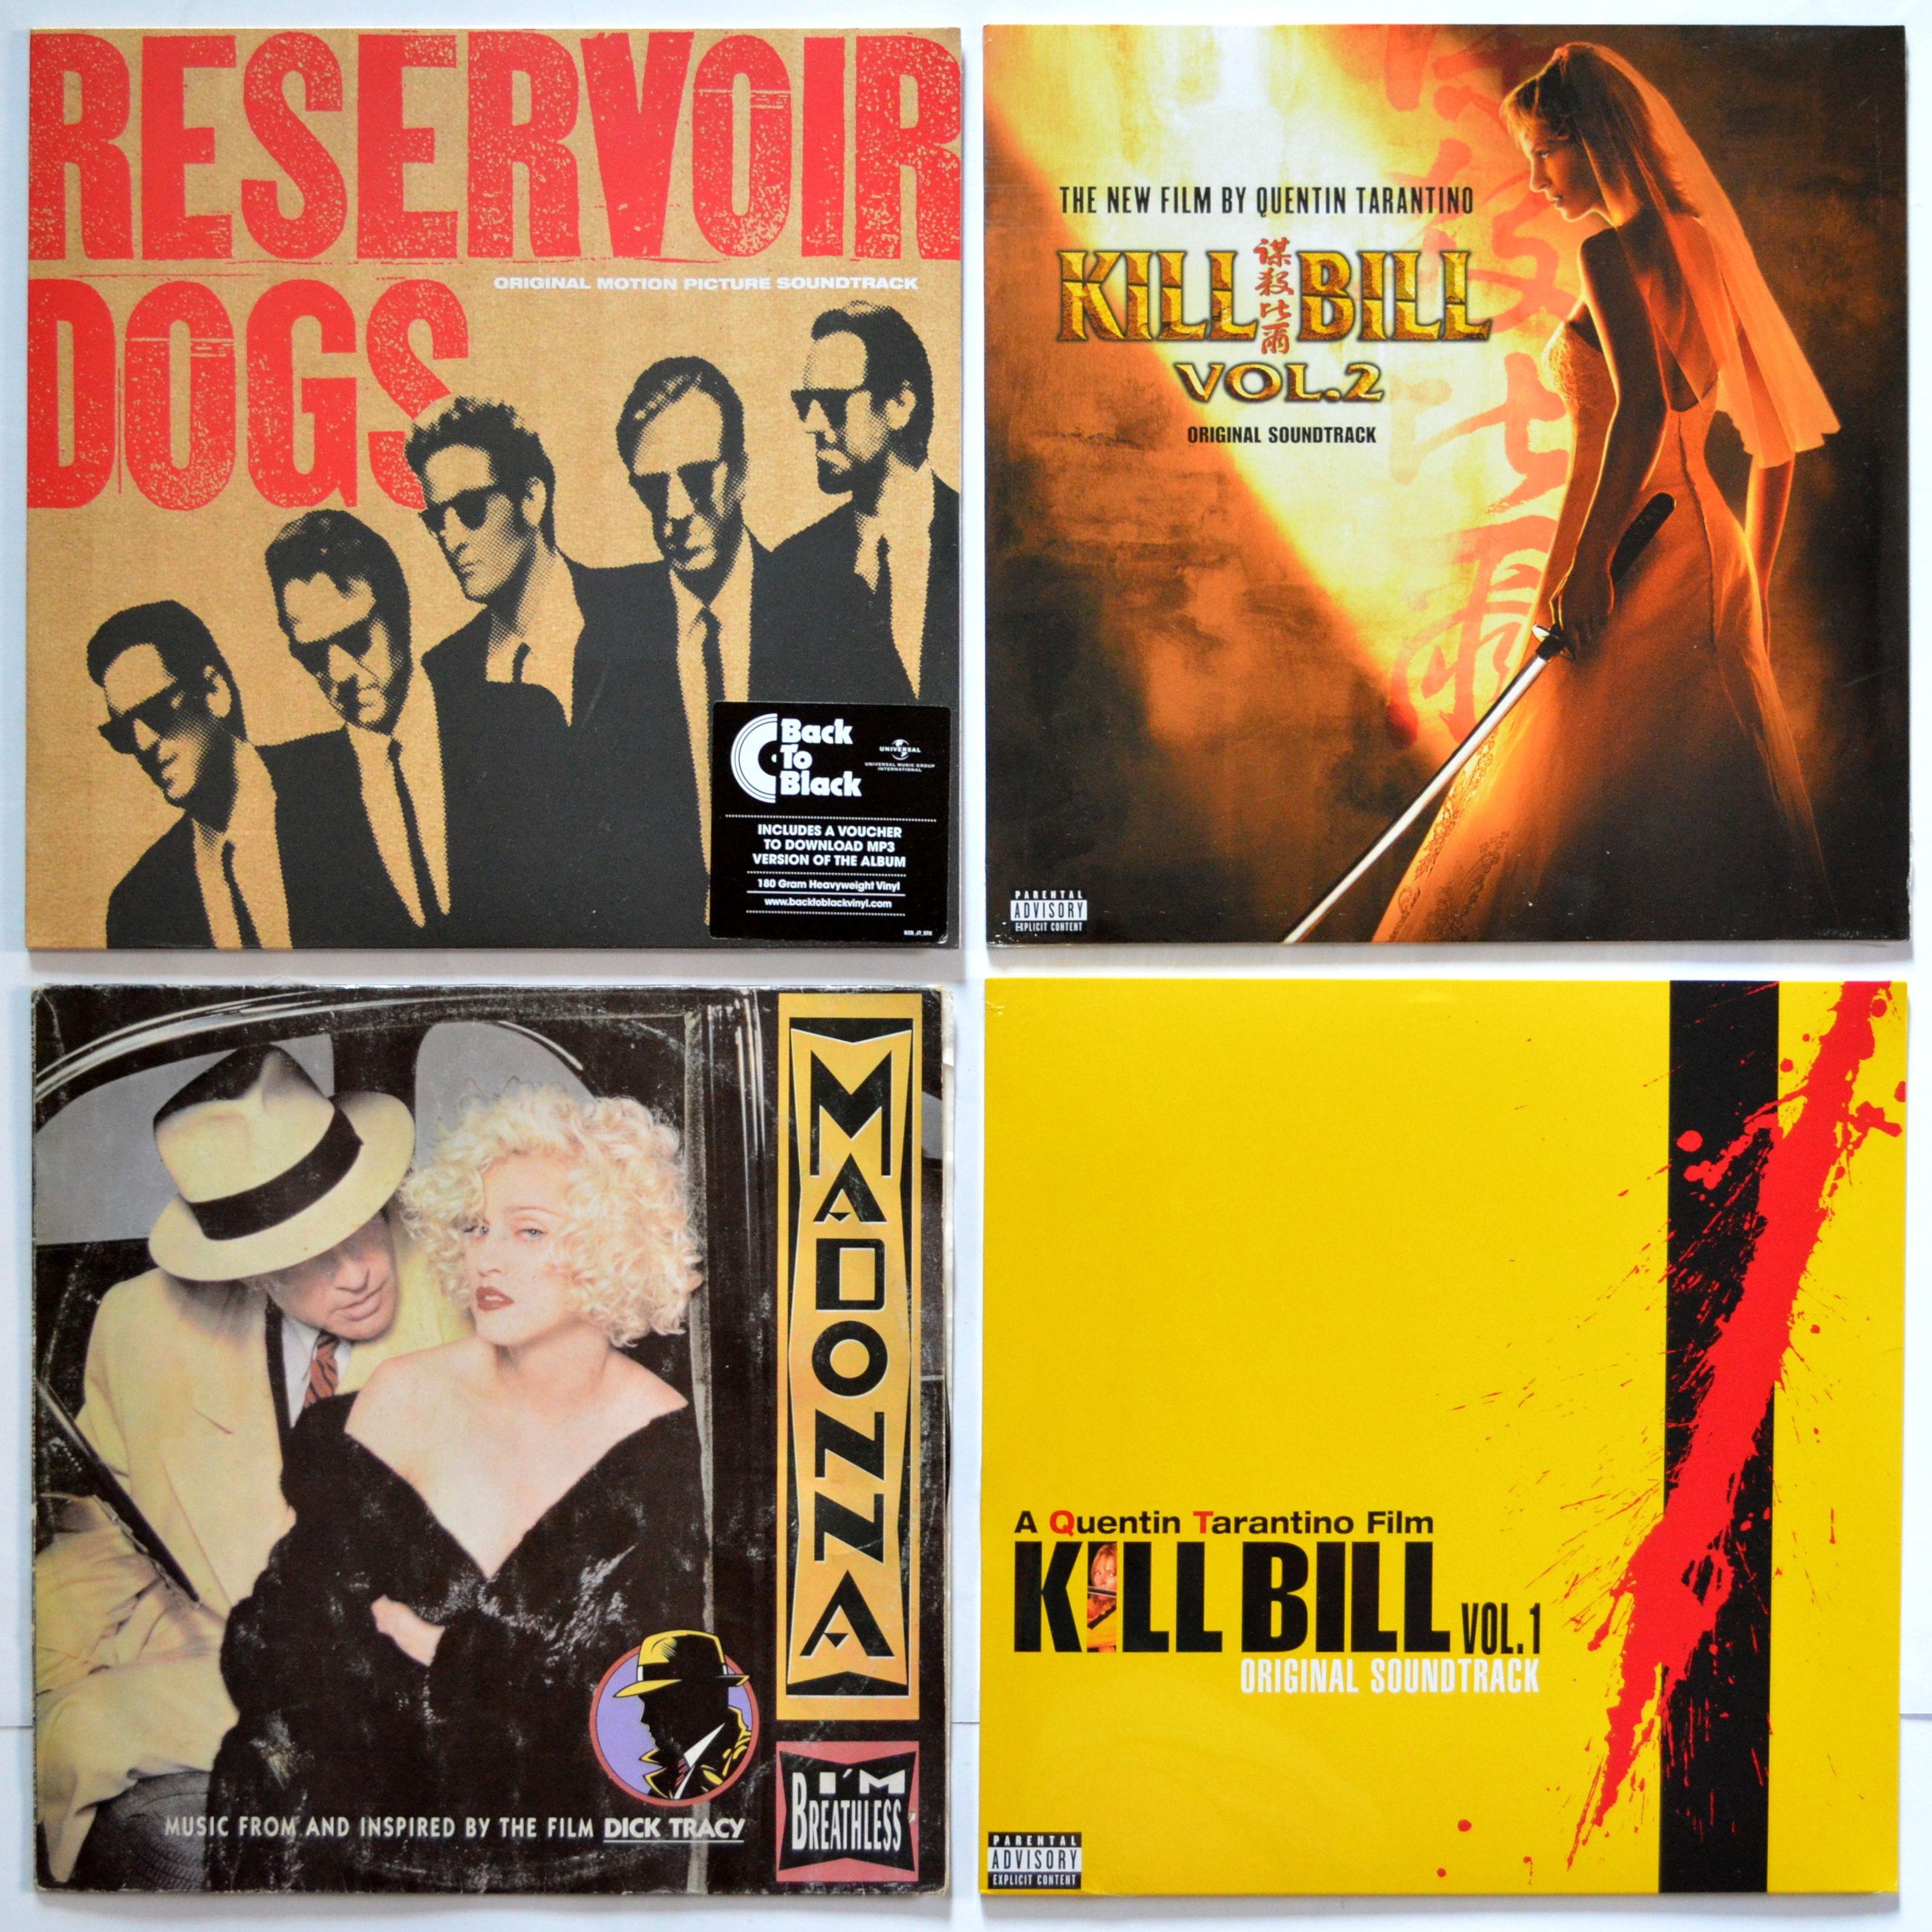 reservoir dogs soundtrack download